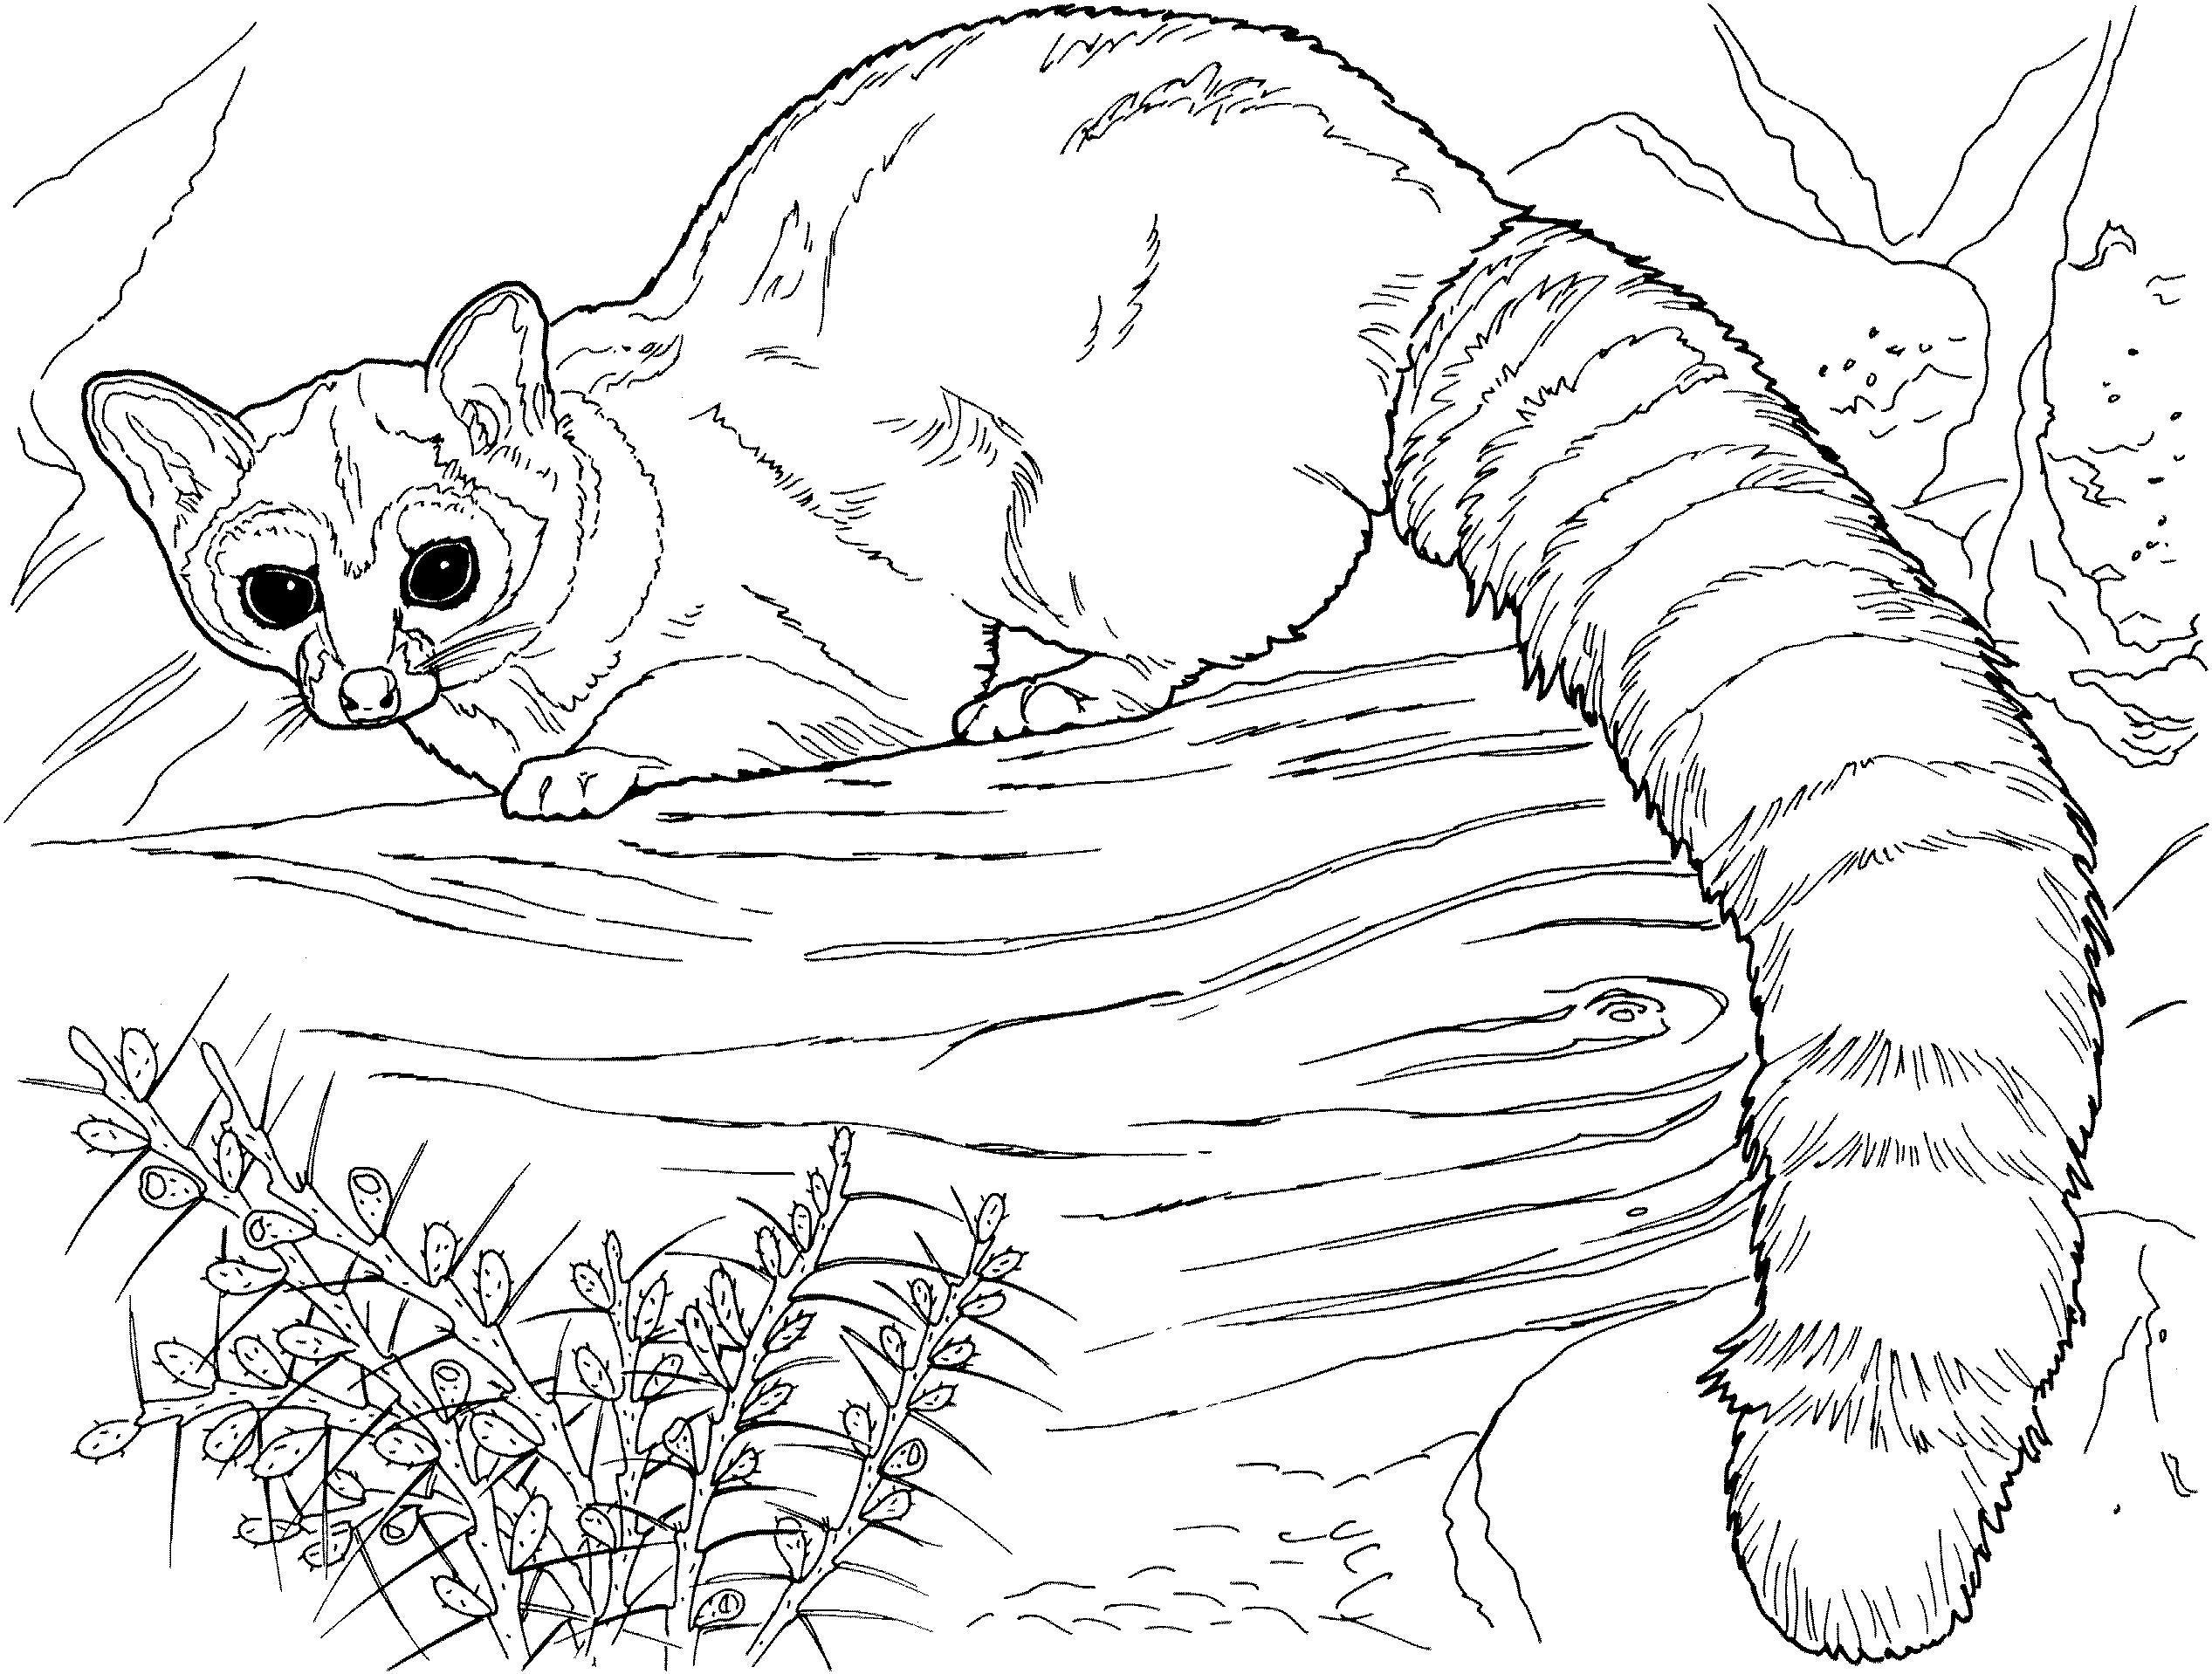 Смешное животное с пушистым хвостом Раскраски антистресс бесплатно